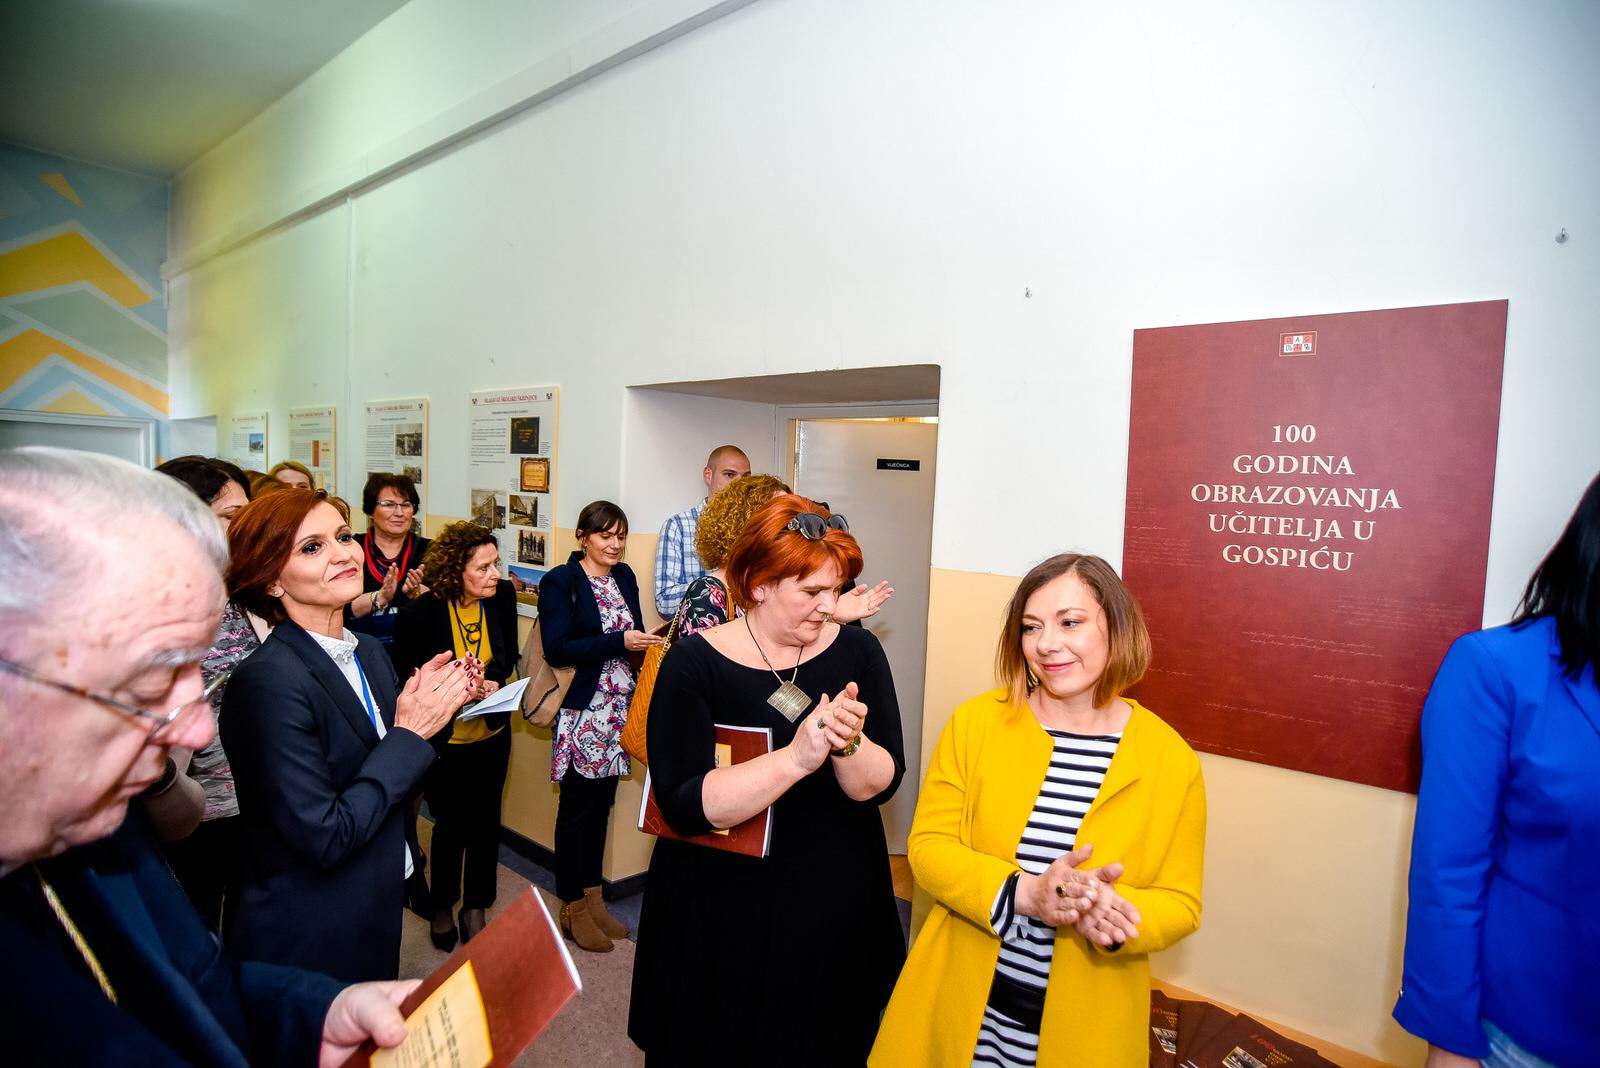 likaclub_gospić_100-godina-obrazovanja-učitelja-u-gospiću_2019-19